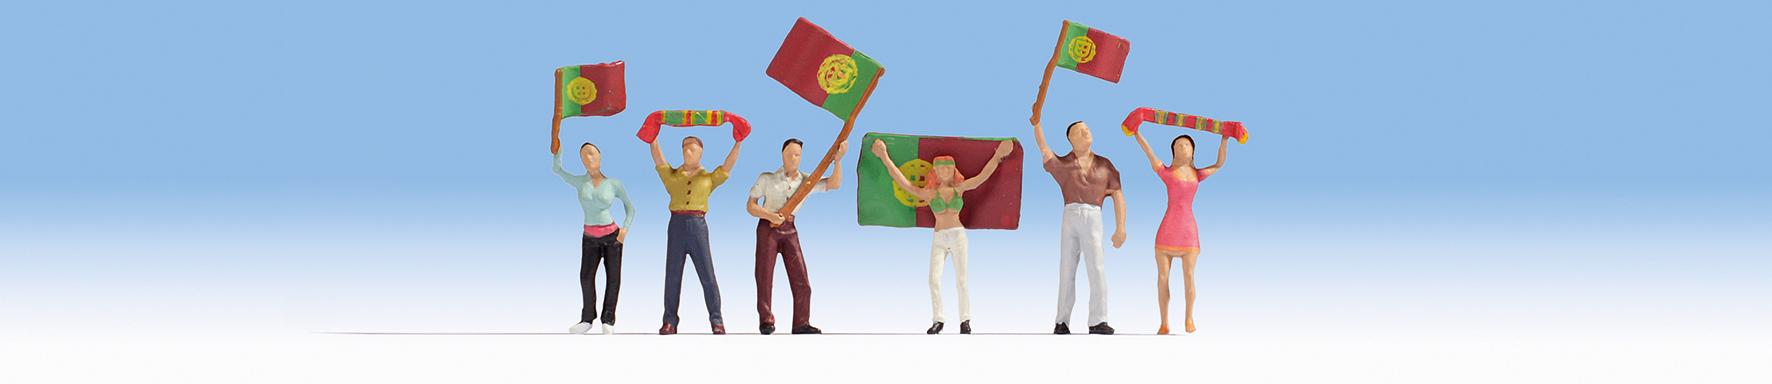 Portugiesische Fans